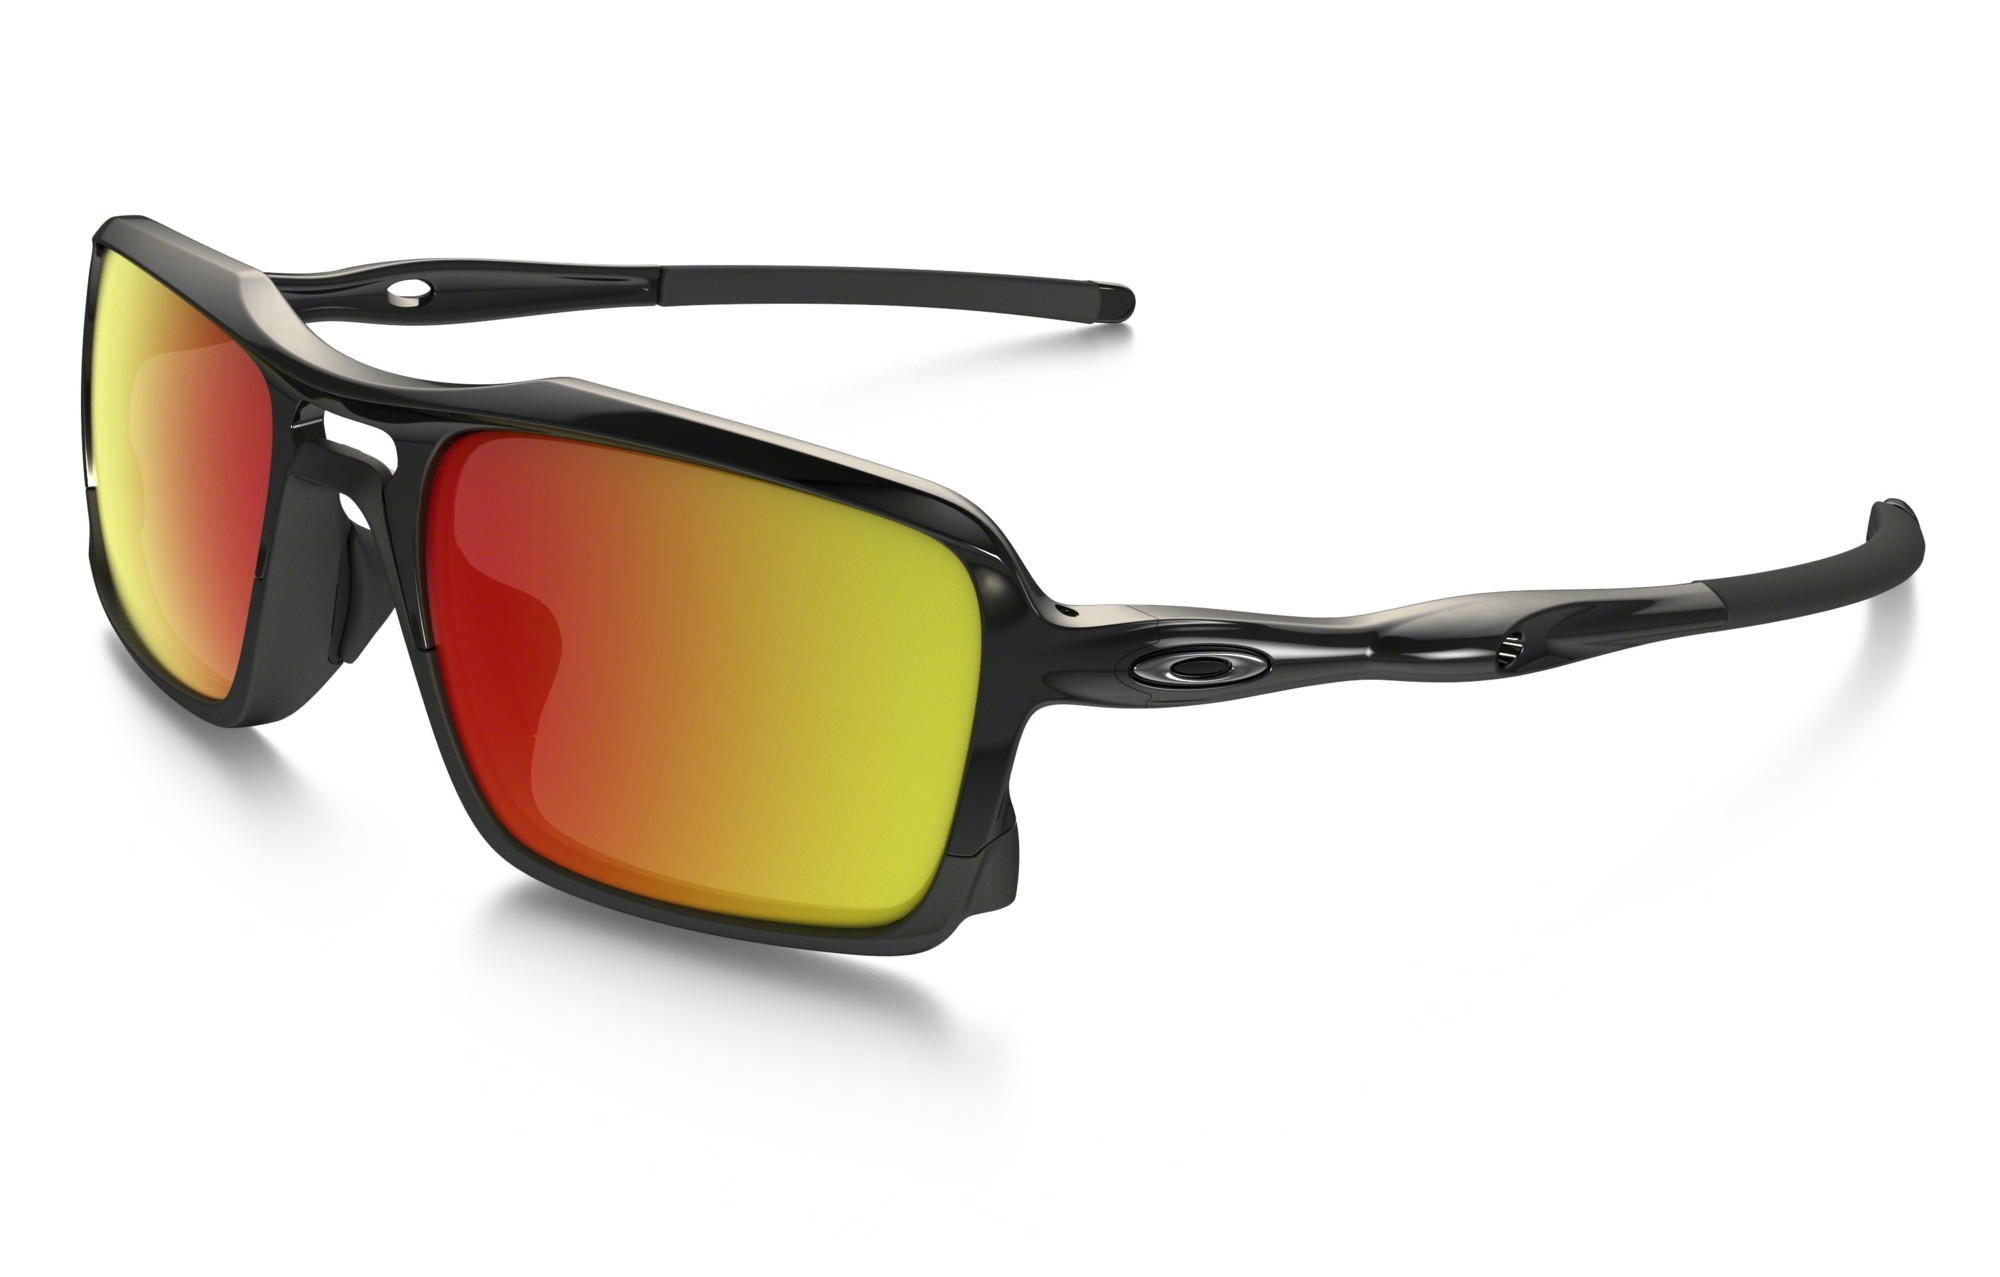 9d25cd13b1 OAKLEY TRIGGERMAN Sunglasses Black - Red Iridium Ref OO9266-03 ...